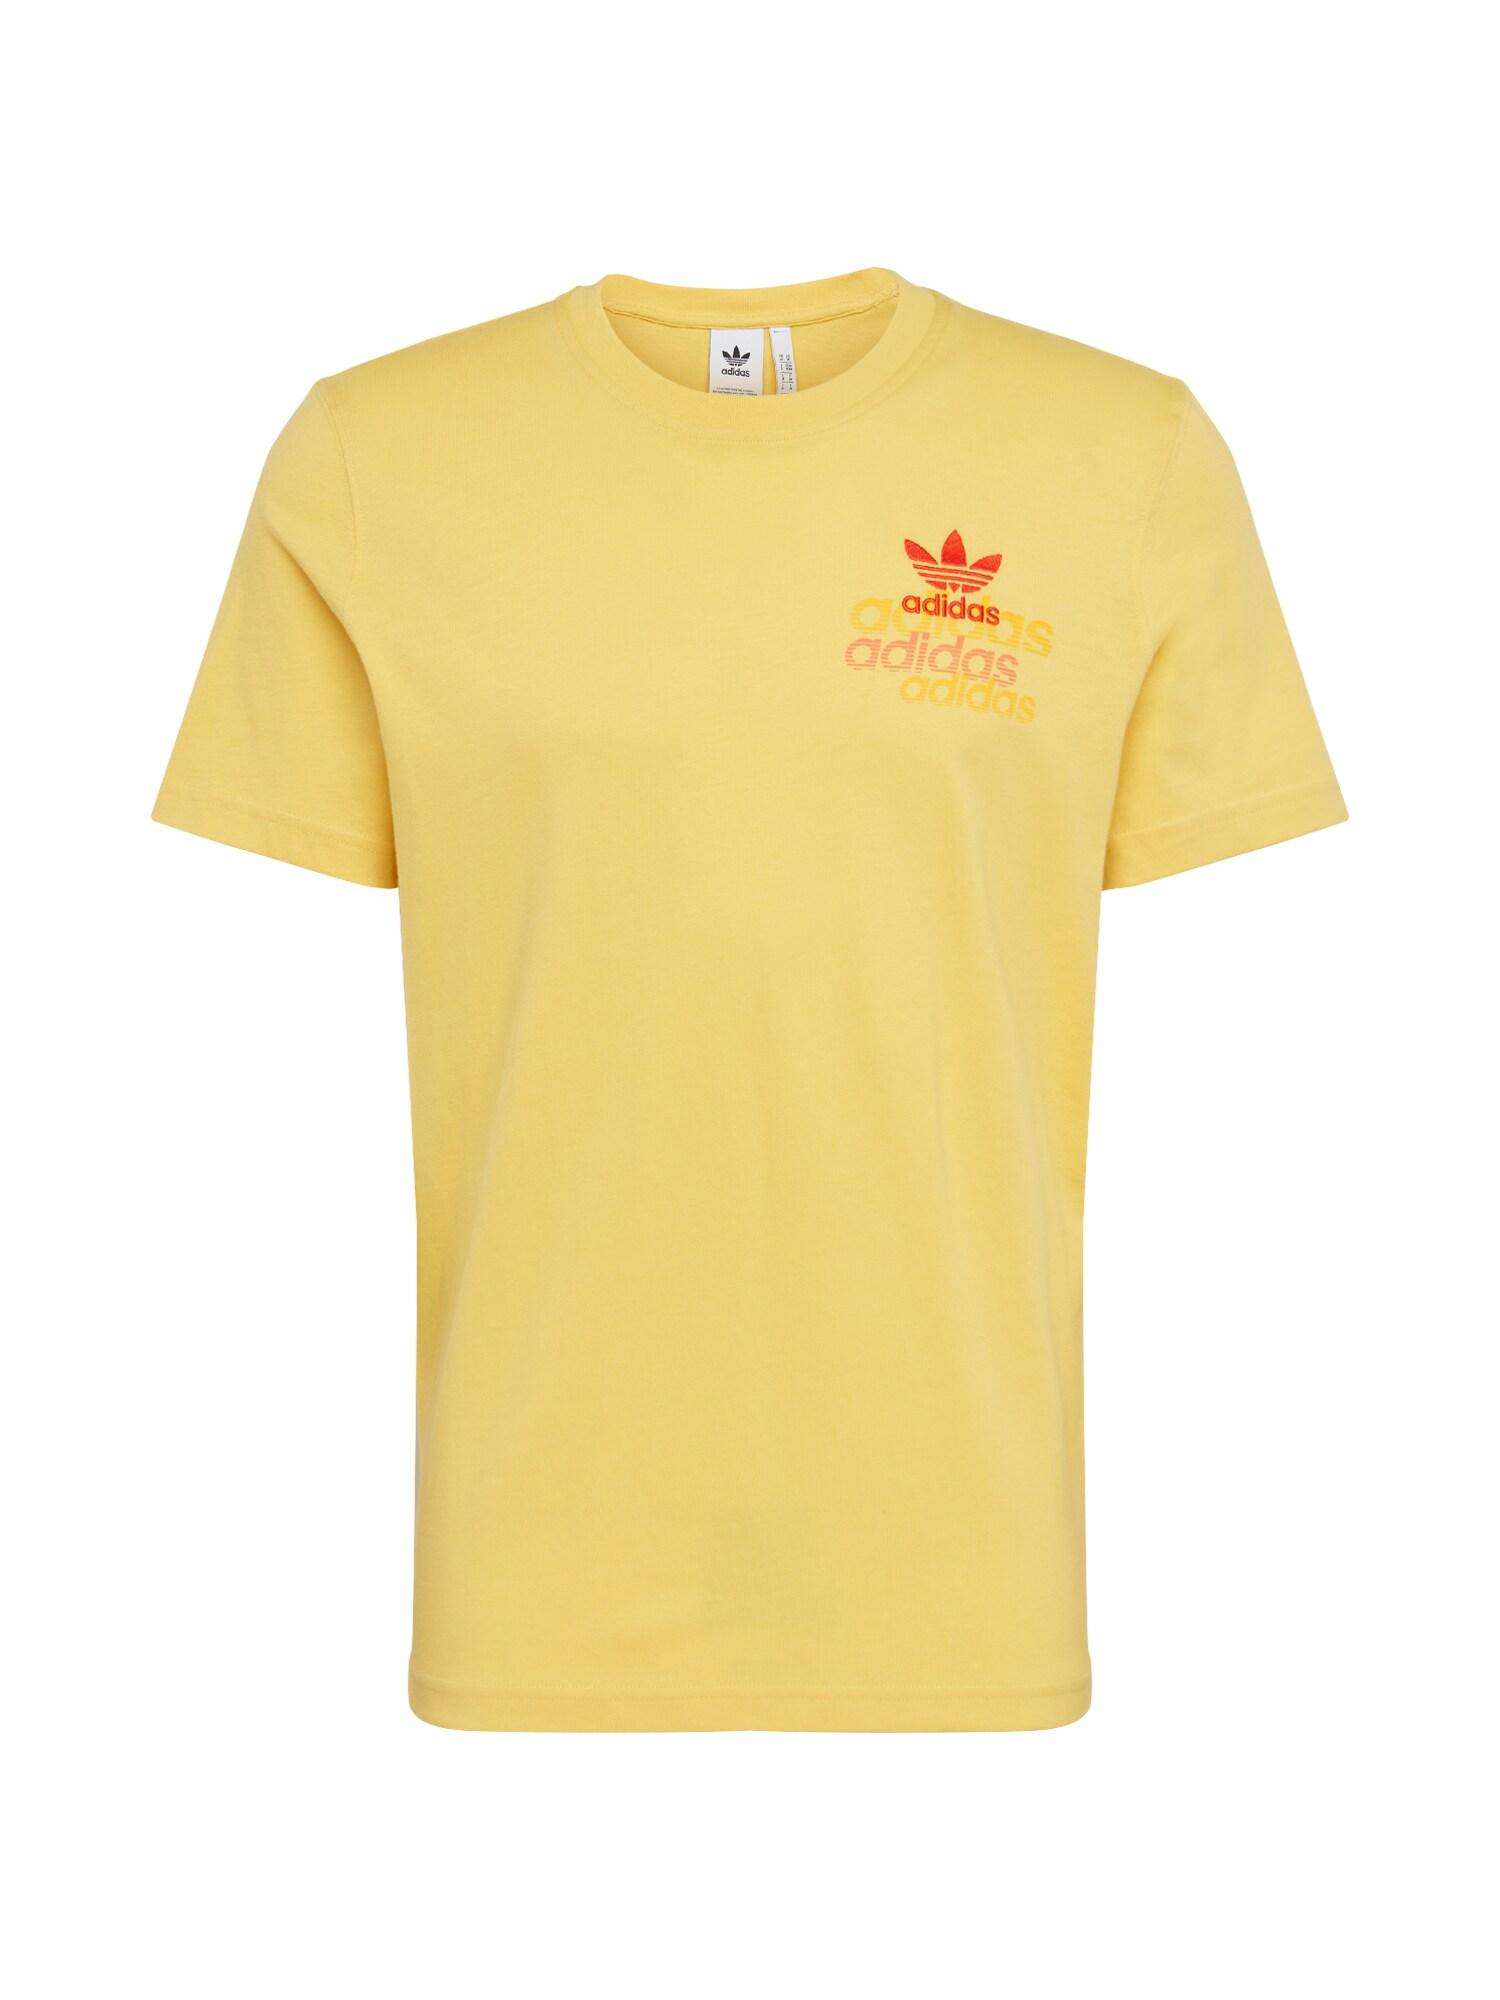 ADIDAS ORIGINALS Marškinėliai 'SHATTERED EMB' raudona / geltona